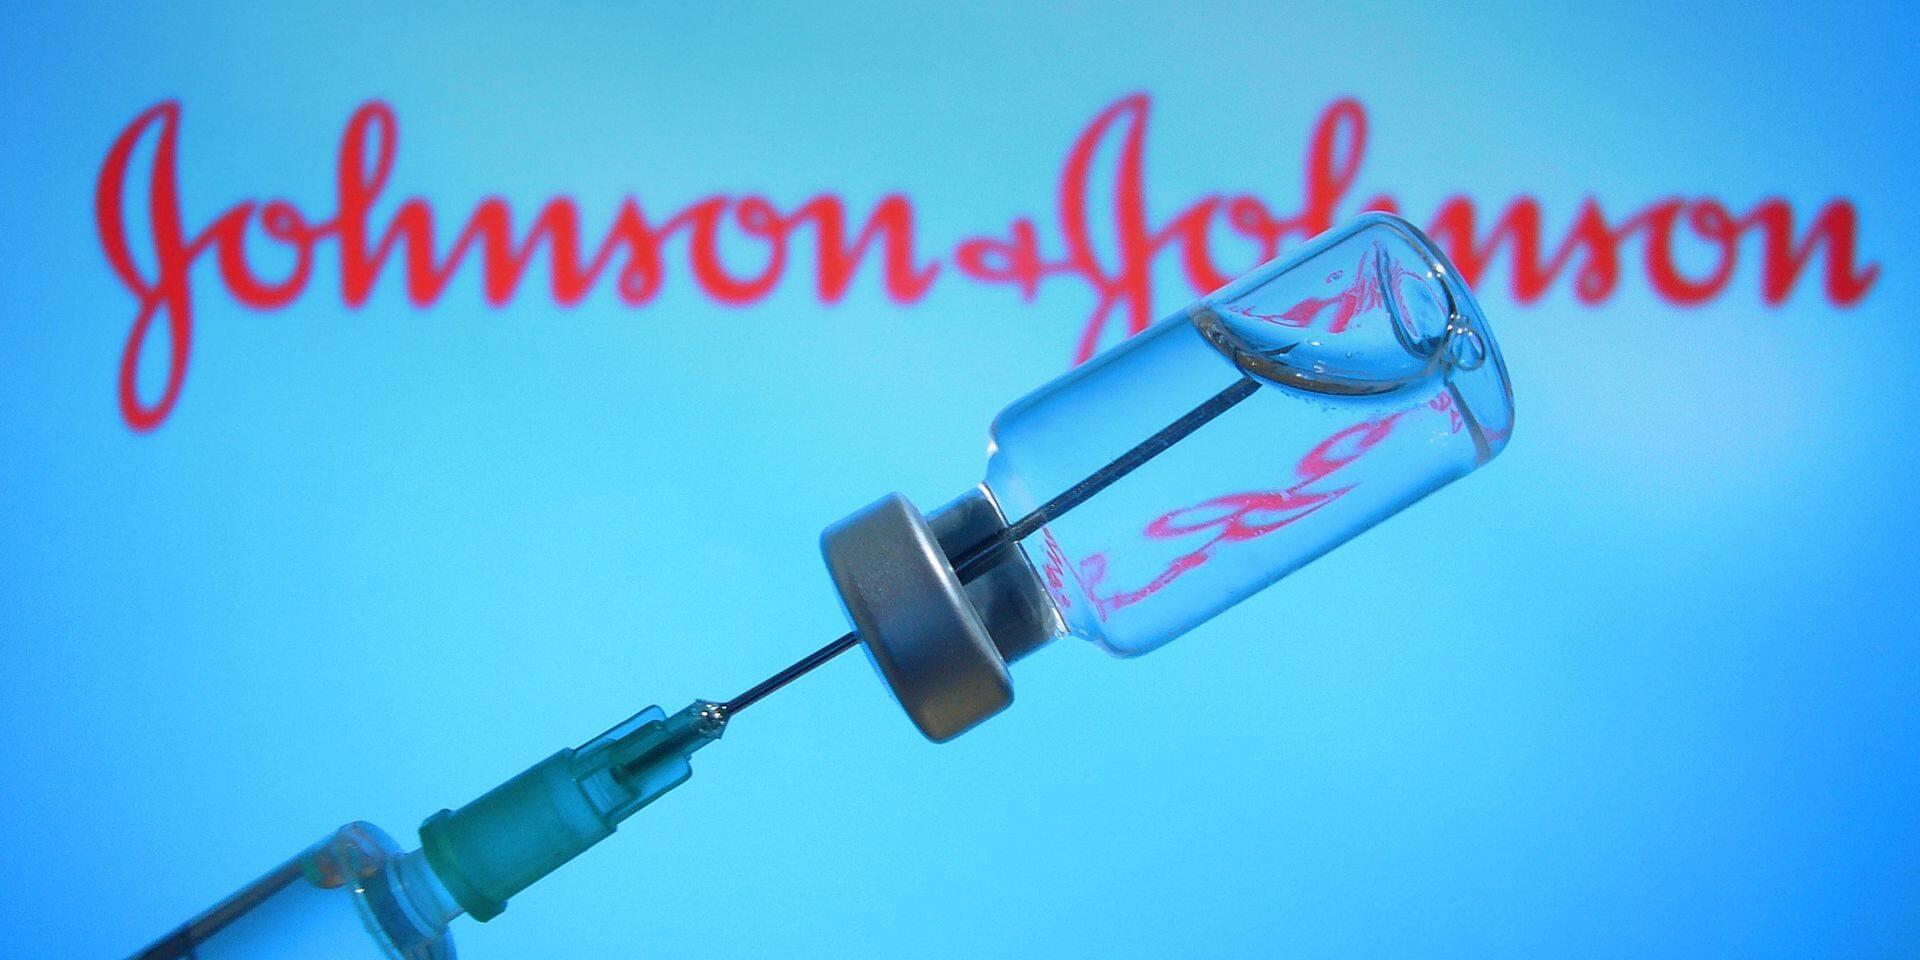 Johnson & Johnson prévoit de tester son vaccin sur des enfants en bas âge et des femmes enceintes